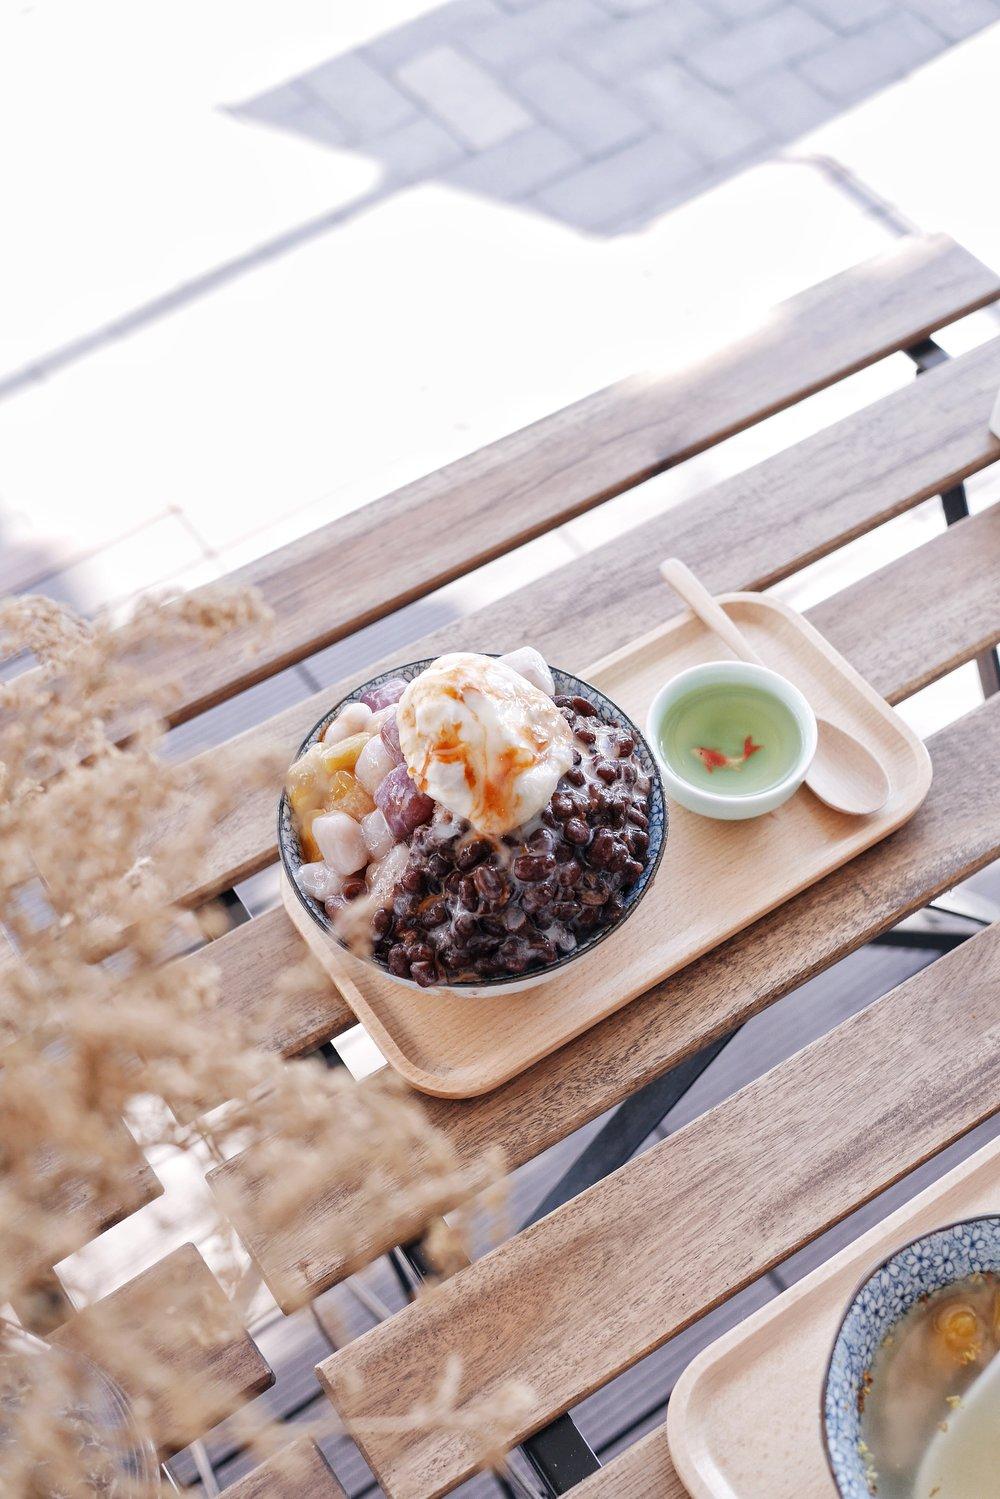 泰式奶茶三色圓:樣子特別漂亮,旁邊還有綠茶解膩,杯子裡面有一條超逼真的金魚!